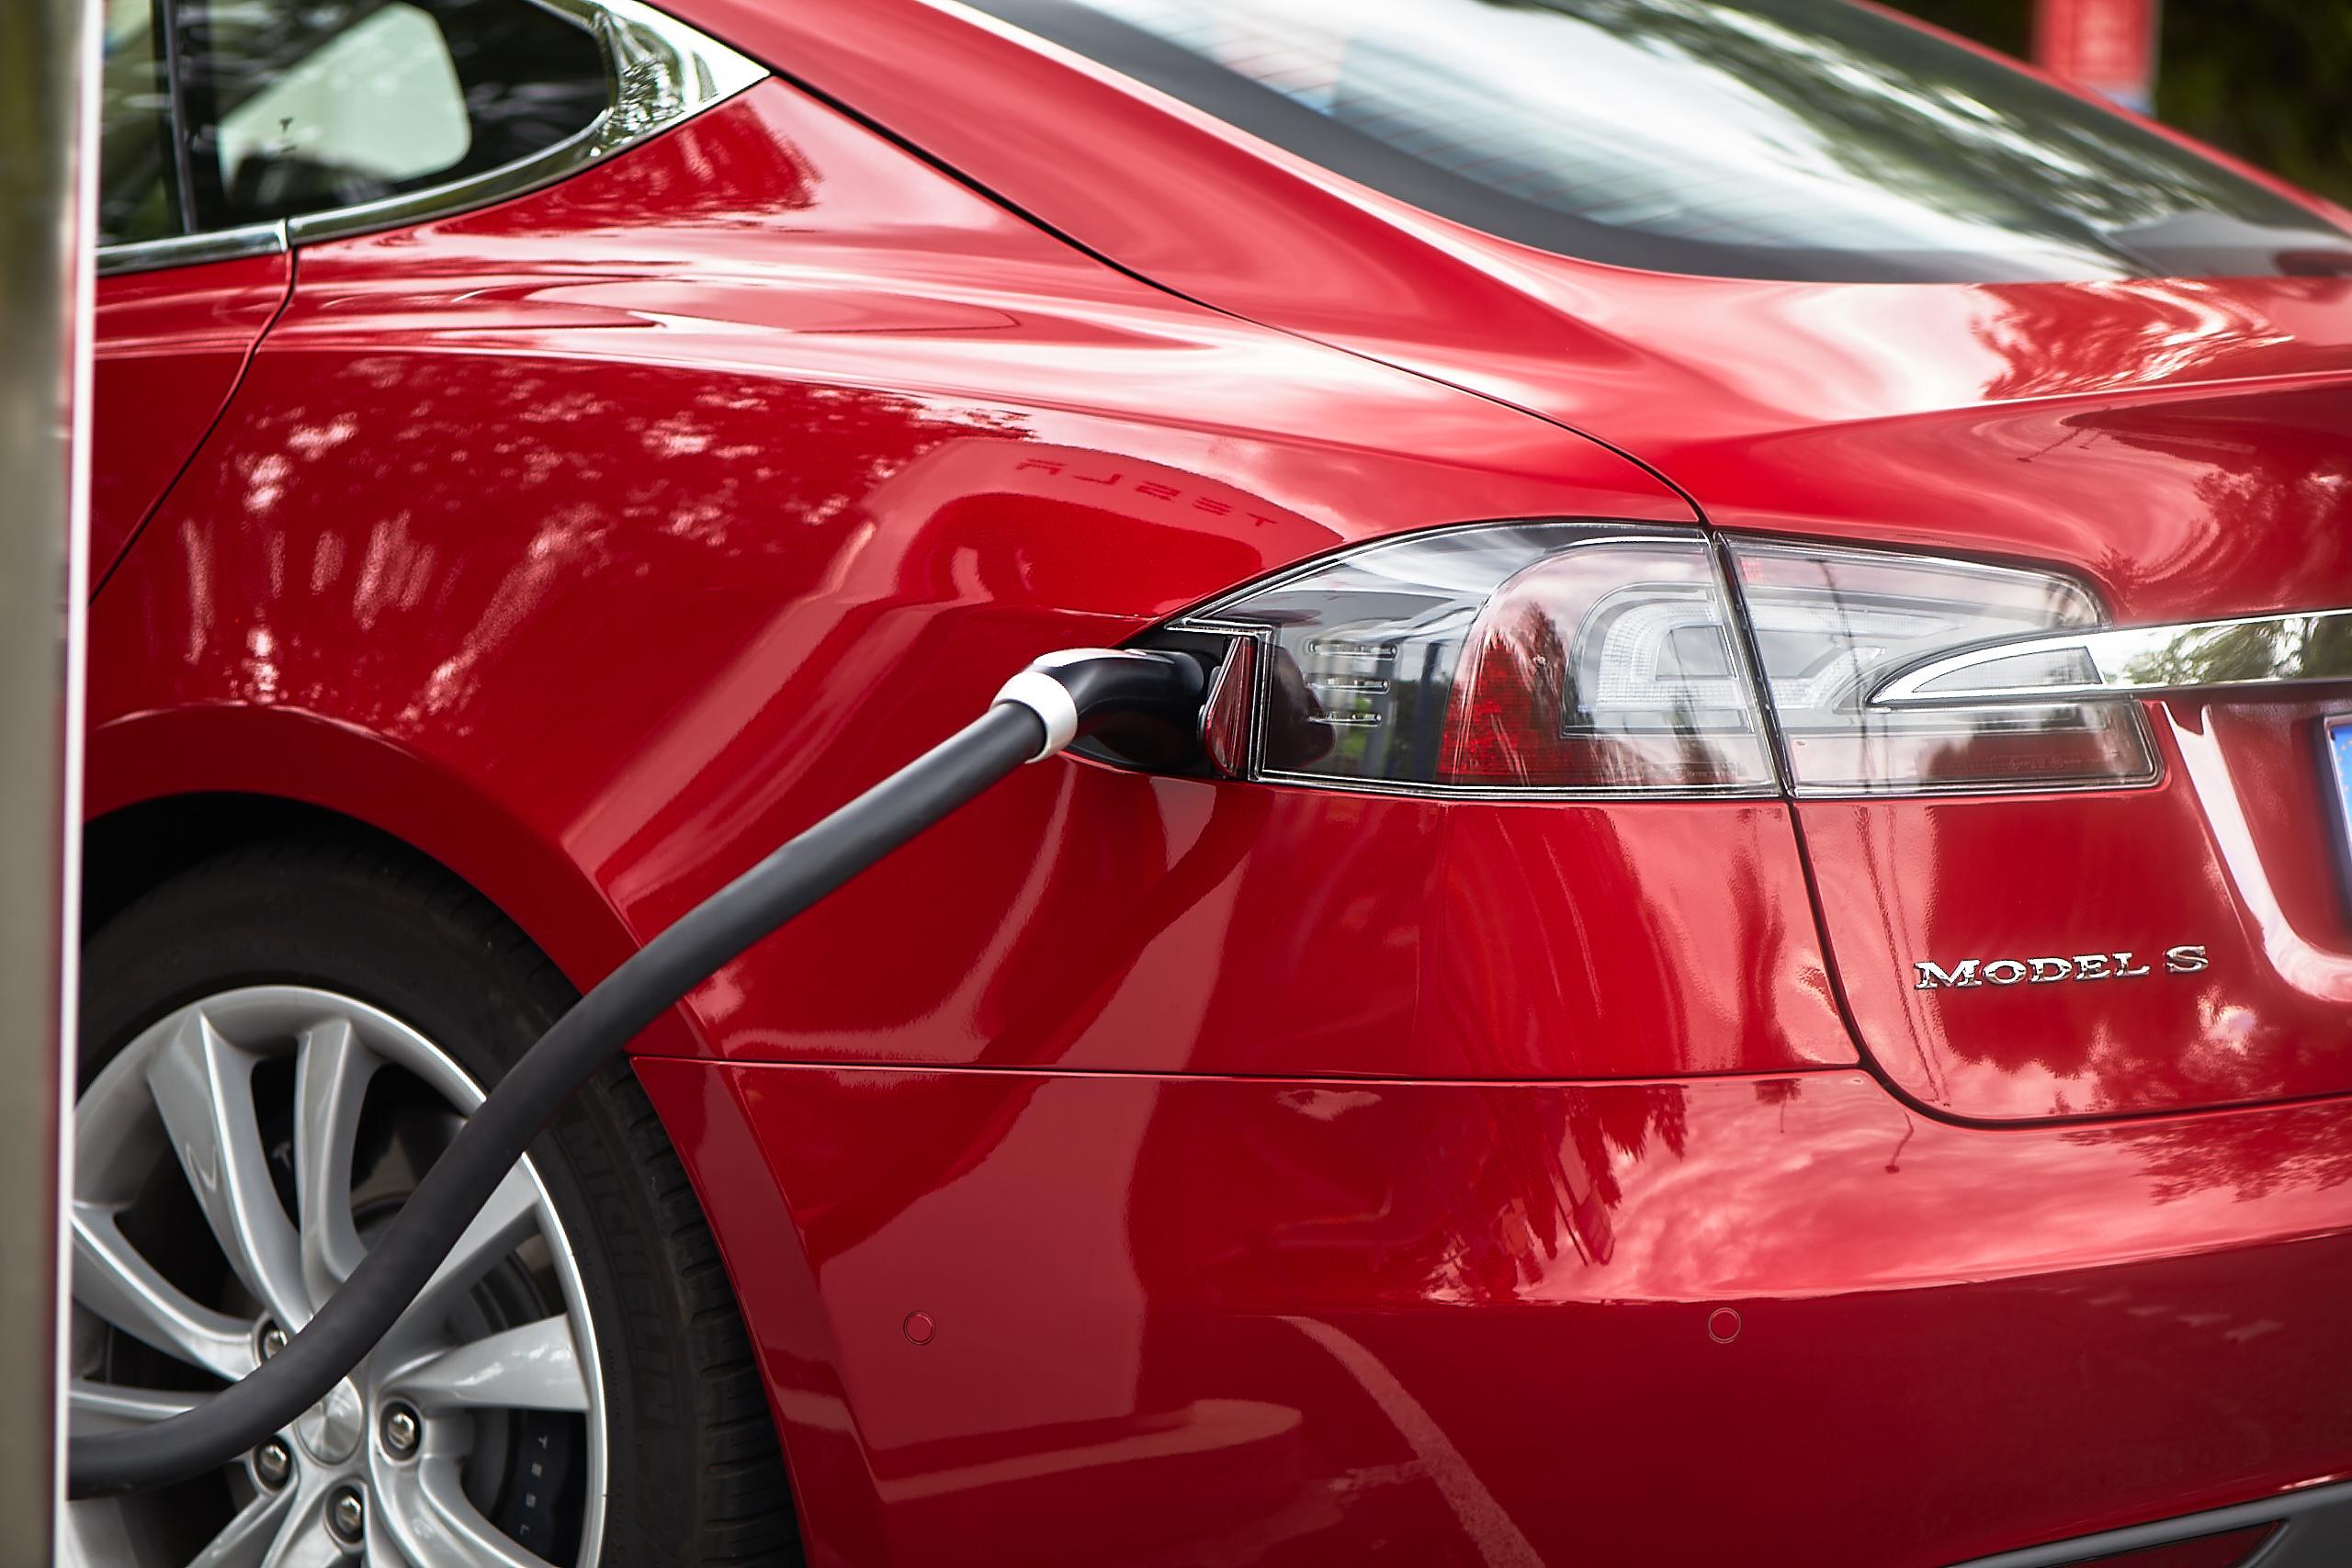 Van nul tot 1000 locaties – Tesla Destination Charging breidt uit door heel Europa